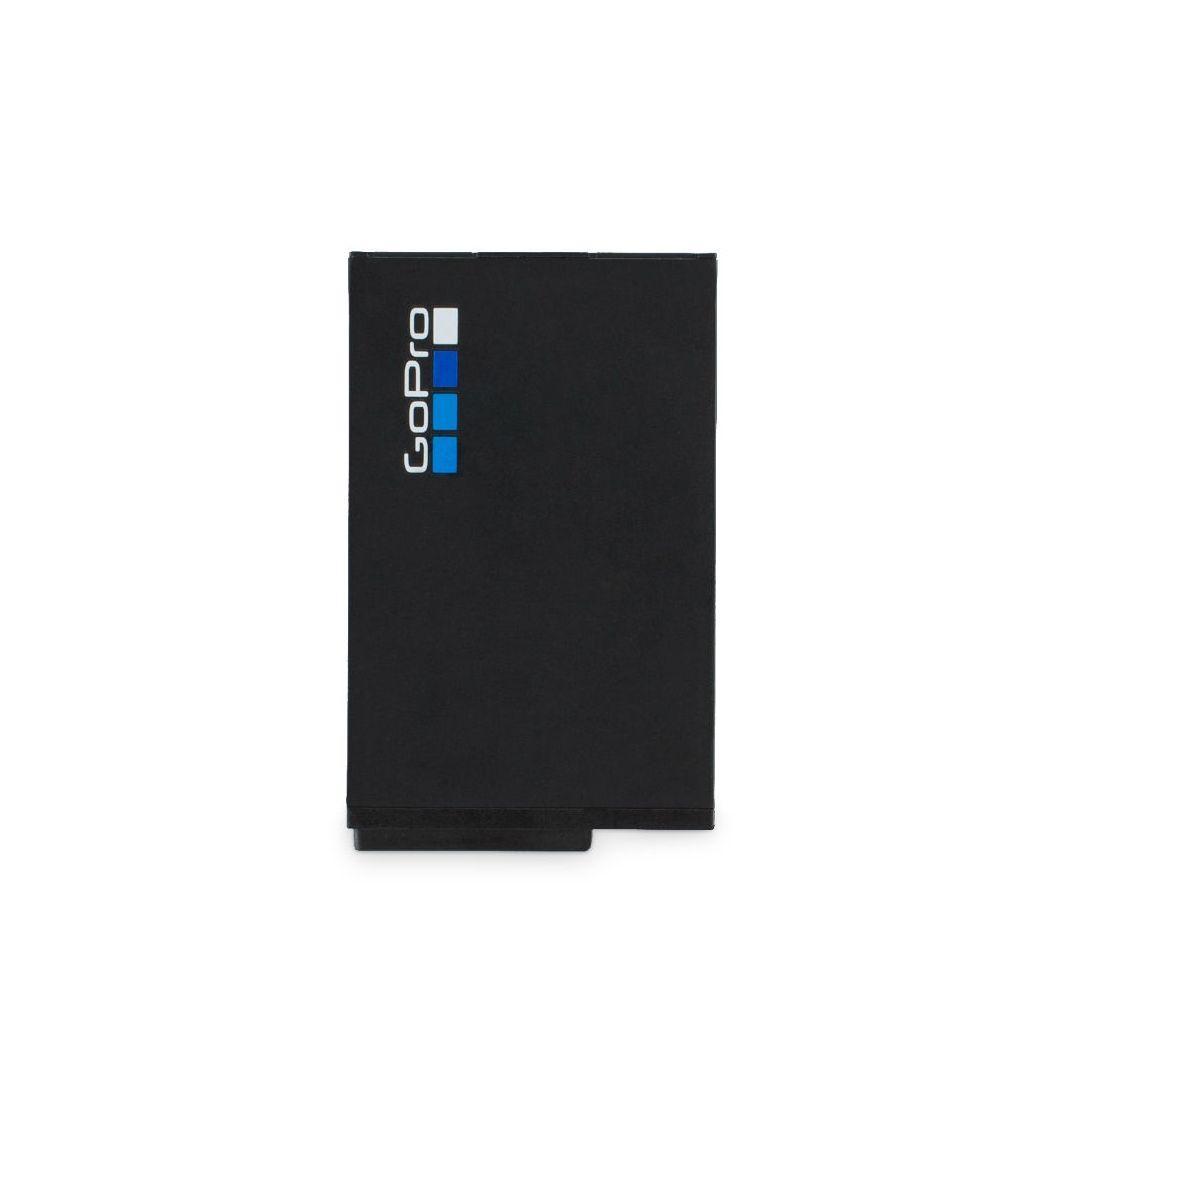 Batterie cam�ra gopro pour fusion - 20% de remise imm�diate avec le code : automne20 (photo)